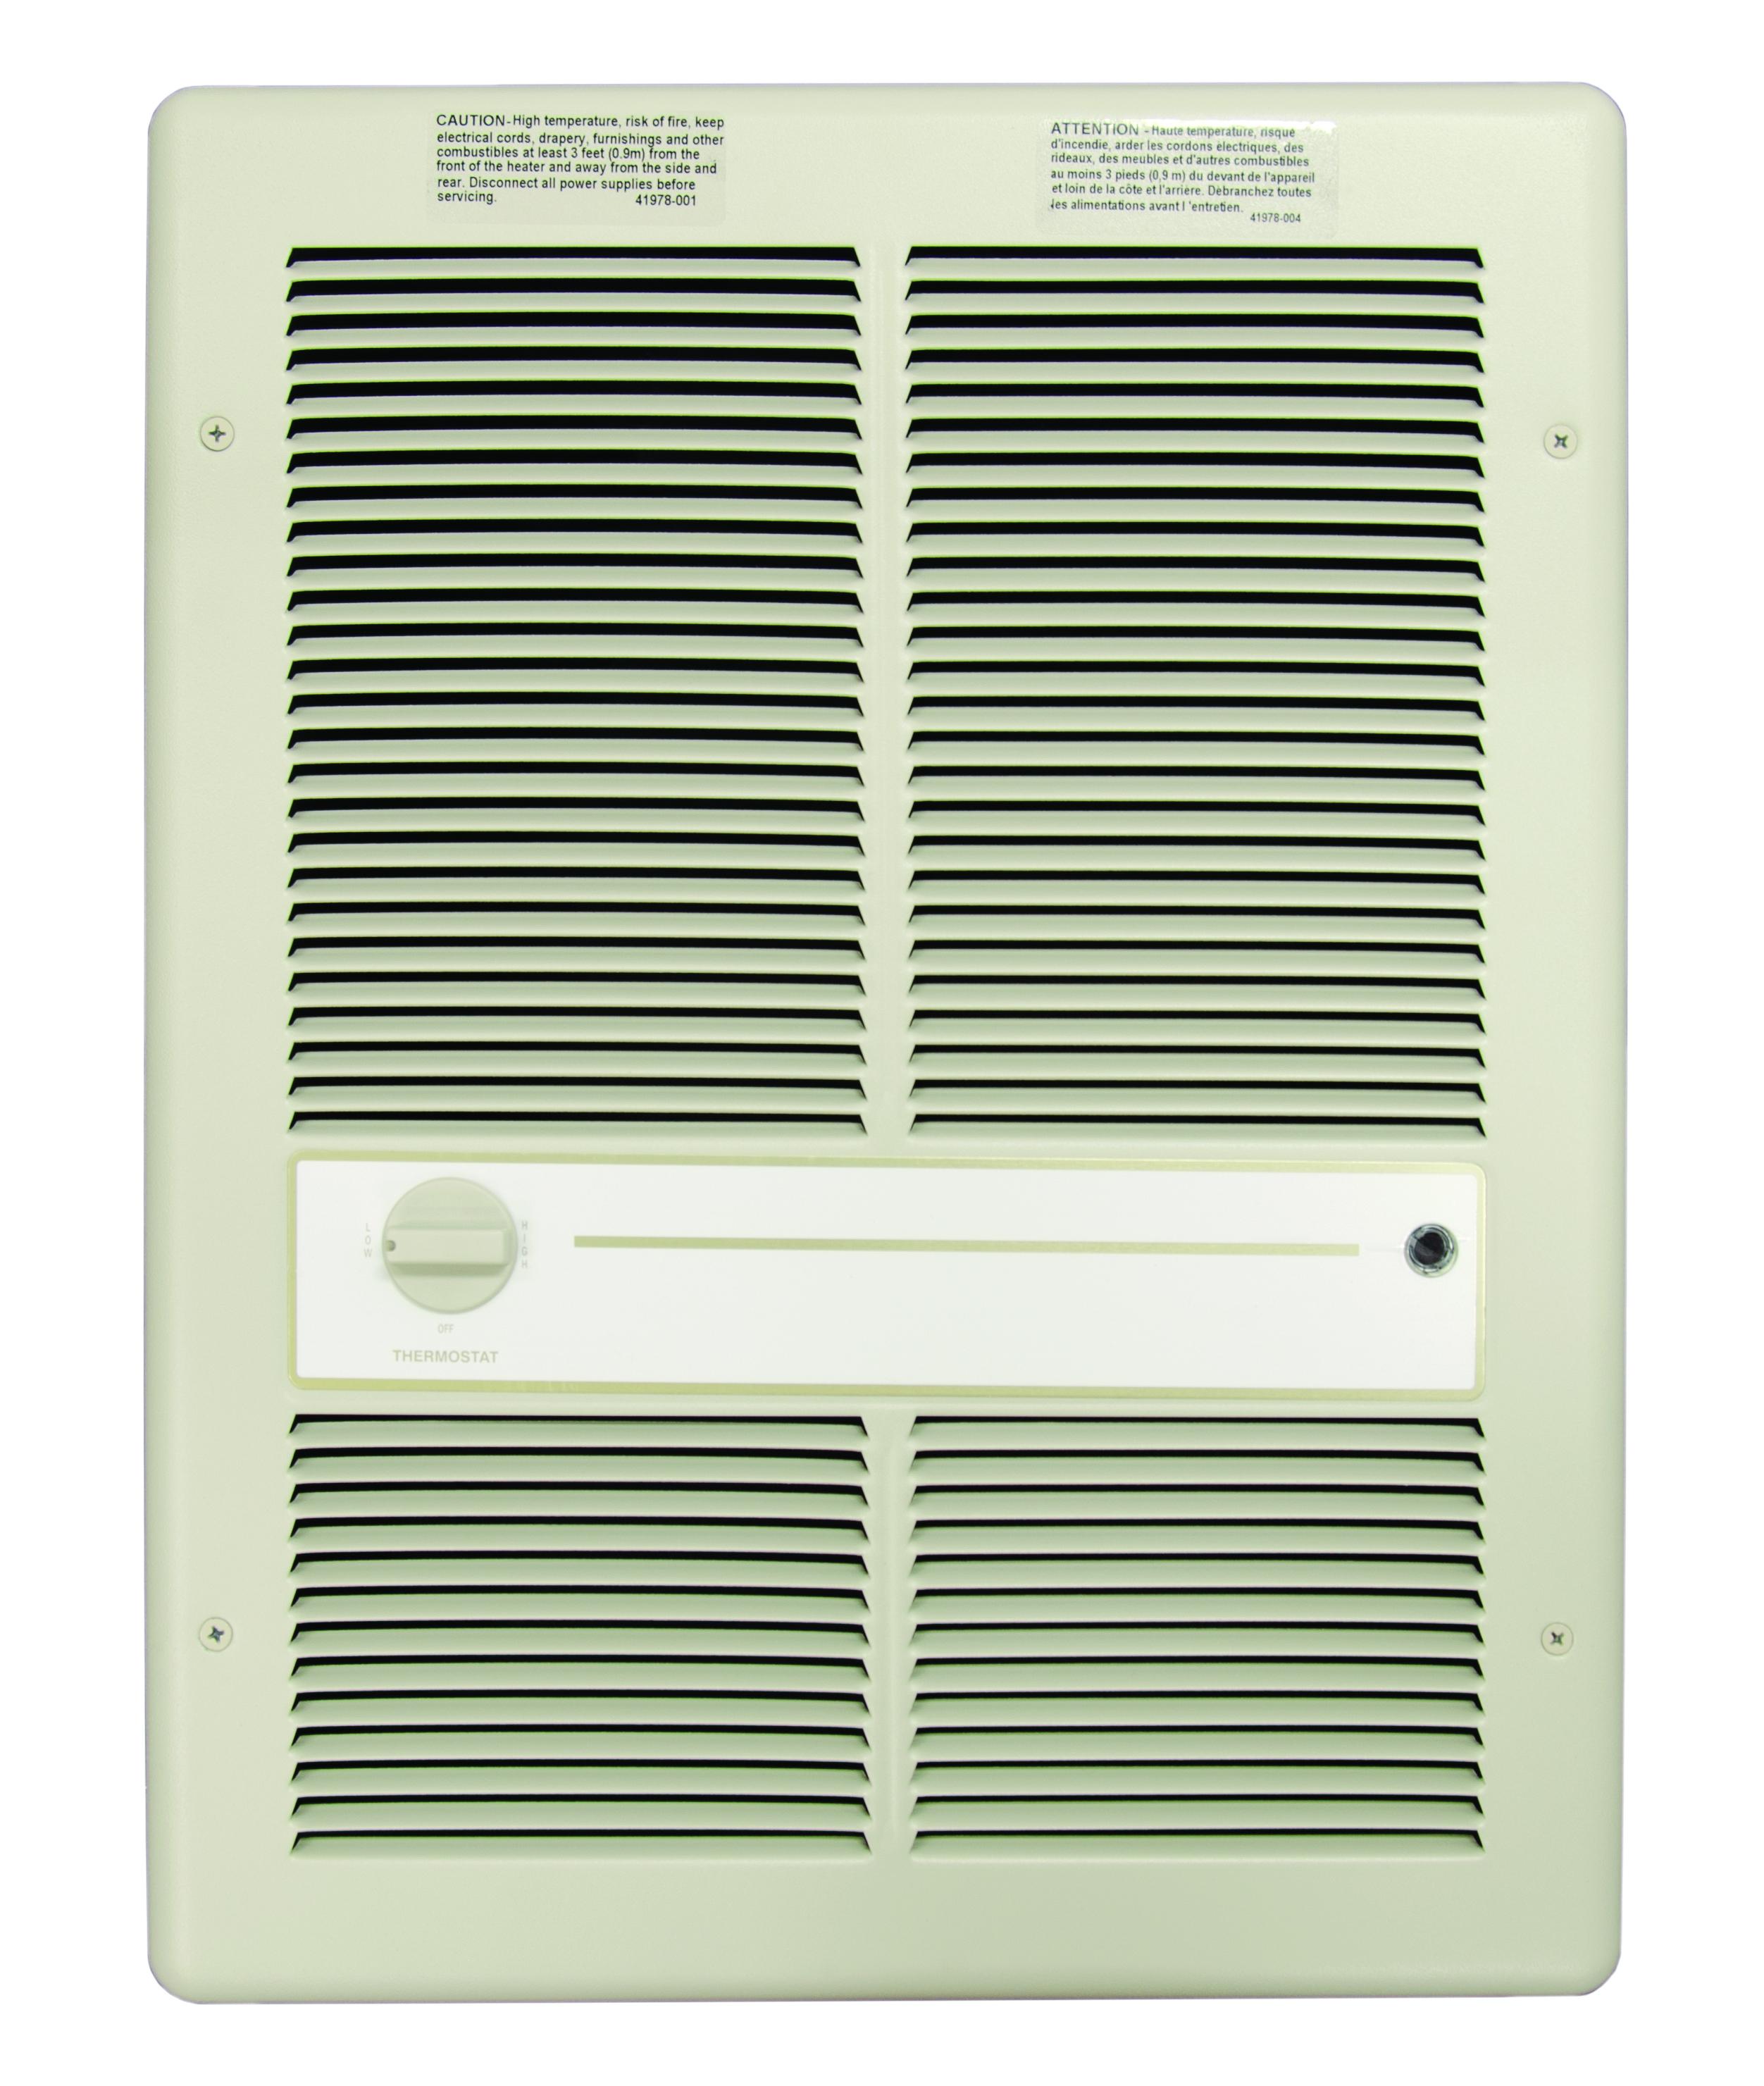 TPI E3313RP 1500/750W 120V Fan Frcd